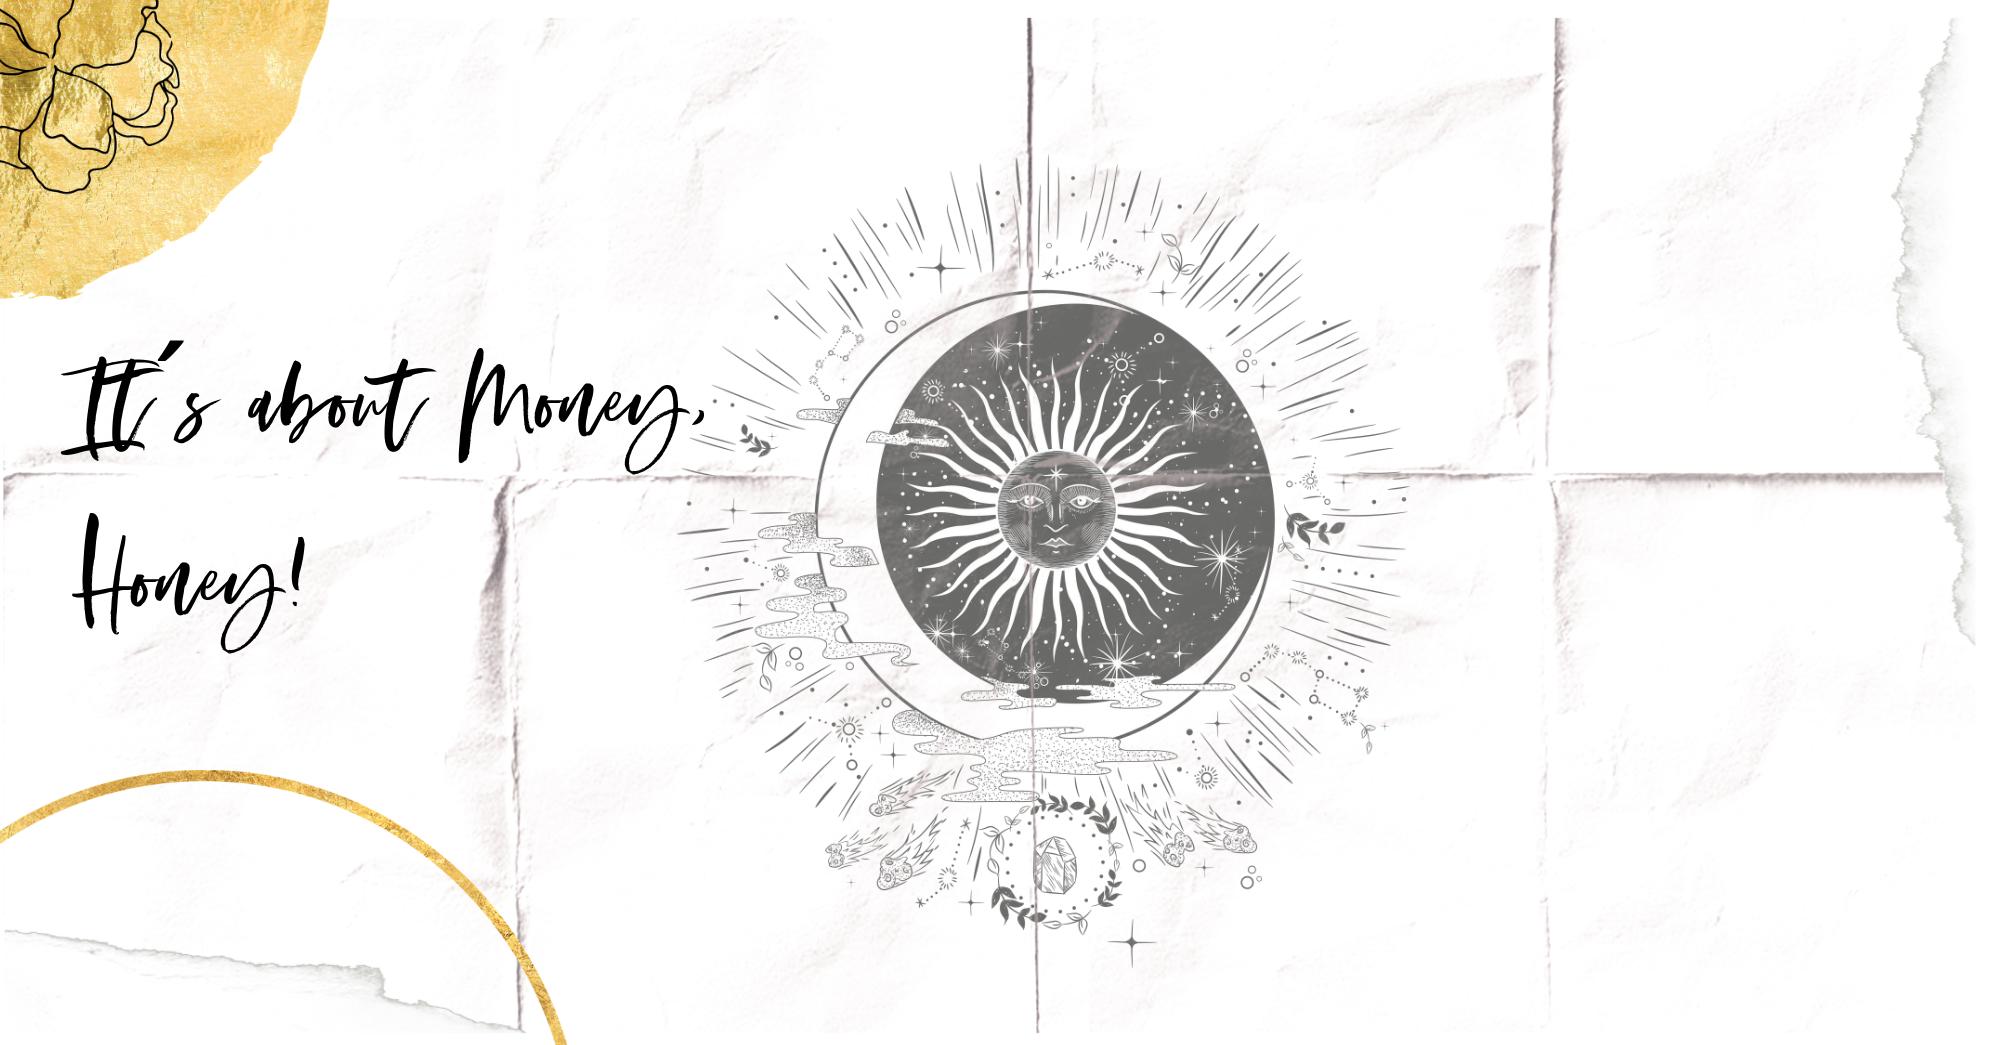 """Selbstlernkurs:   Du bekommst Einblick über deine Talente, deine Ressourcen und erfährst mehr über deine Gaben. Ein grosses Thema davon ist: dein  Selbstwert .  Deine Geburtskonstellation (Geburtshoroskop) verrät dir megaviel über den Umgang und dein Denken über """"Reichtum"""", Fülle & Wachstum.  Mit Hilfe der Astrologie und ihrer einzigartigen Sicht auf dich, lernst du dich besser kennen. Welch ein Wohlgefühl! So genüsslich und voller Selbstvertrauen!   In diesem Selbstlernkurs bekommst du einen tiefen Einblick:   ✨über den großen Lebensbereich deines """"Geldhauses""""  ✨lernst mehr über deinen Selbstwert und über dein Selbstbewusstsein  ✨über deine innere Ressourcen und Kraftquellen kennen.  ✨darüber, wie du dir in Sachen """"Umgang"""" mit Geld im Weg stehst  ✨wie wichtig Fülle, bzw. Reichtum für dich ist oder wie du es in deinem Leben kreieren kannst.  Natürlich wird es auch noch darum gehen, mit welcher  Arbeit  du in der Welt dein Licht leuchten lassen kannst und welche Art von  """"Karriere""""  für dich ideal ist. Noch konkreter: """"Welche Arbeit & Karriere dir und deinem ureigenen Naturell entspricht: und du im besten Fall auch Geld damit verdienen kannst.  Der Kurs ist für dich im Selbststudium gedacht. Falls Fragen auftauchen sollten, kannst du gerne eine Mail an hallo@muggelig.com schreiben oder mich per Voxer.com (per Sprachnachricht) kontaktieren!  Im Idealfall lernst du dich und deine  Beziehung zum Geld , deiner  Arbeit in der Welt  und den Weg  deiner Karriere  besser kennen und annehmen!   Alles was du brauchst ist:   ✨Geduld mit dir  ✨Neugier und Offenheit  ✨Die Bereitschaft, dich mit dir zu beschäftigen  ✨dein Geburtsdatum / Geburtsort / Geburtsstunde"""